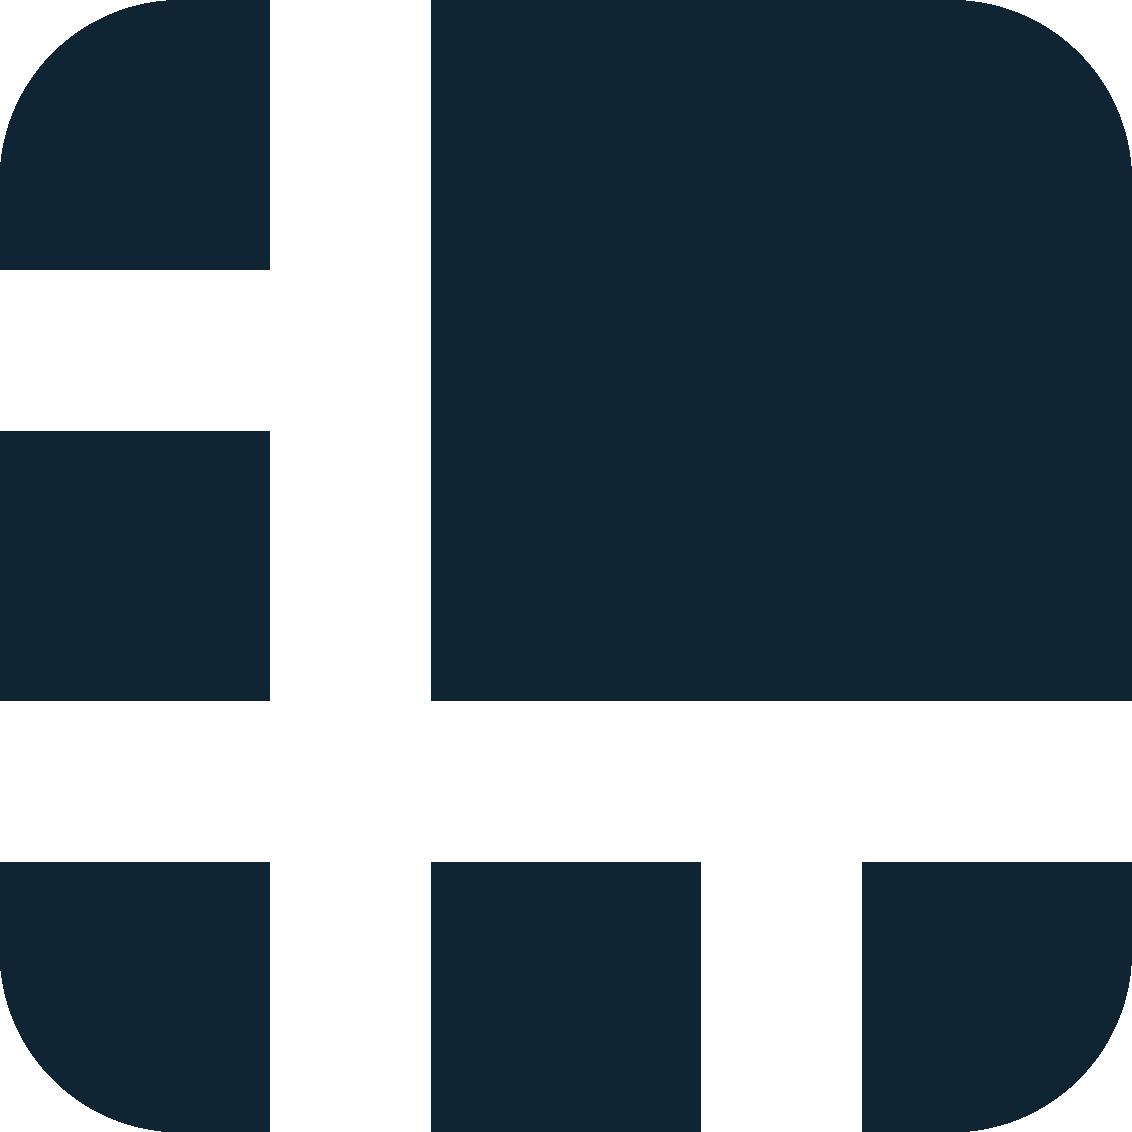 产品经理角度谈谈区块链钱包-四川在下佩服科技有限公司